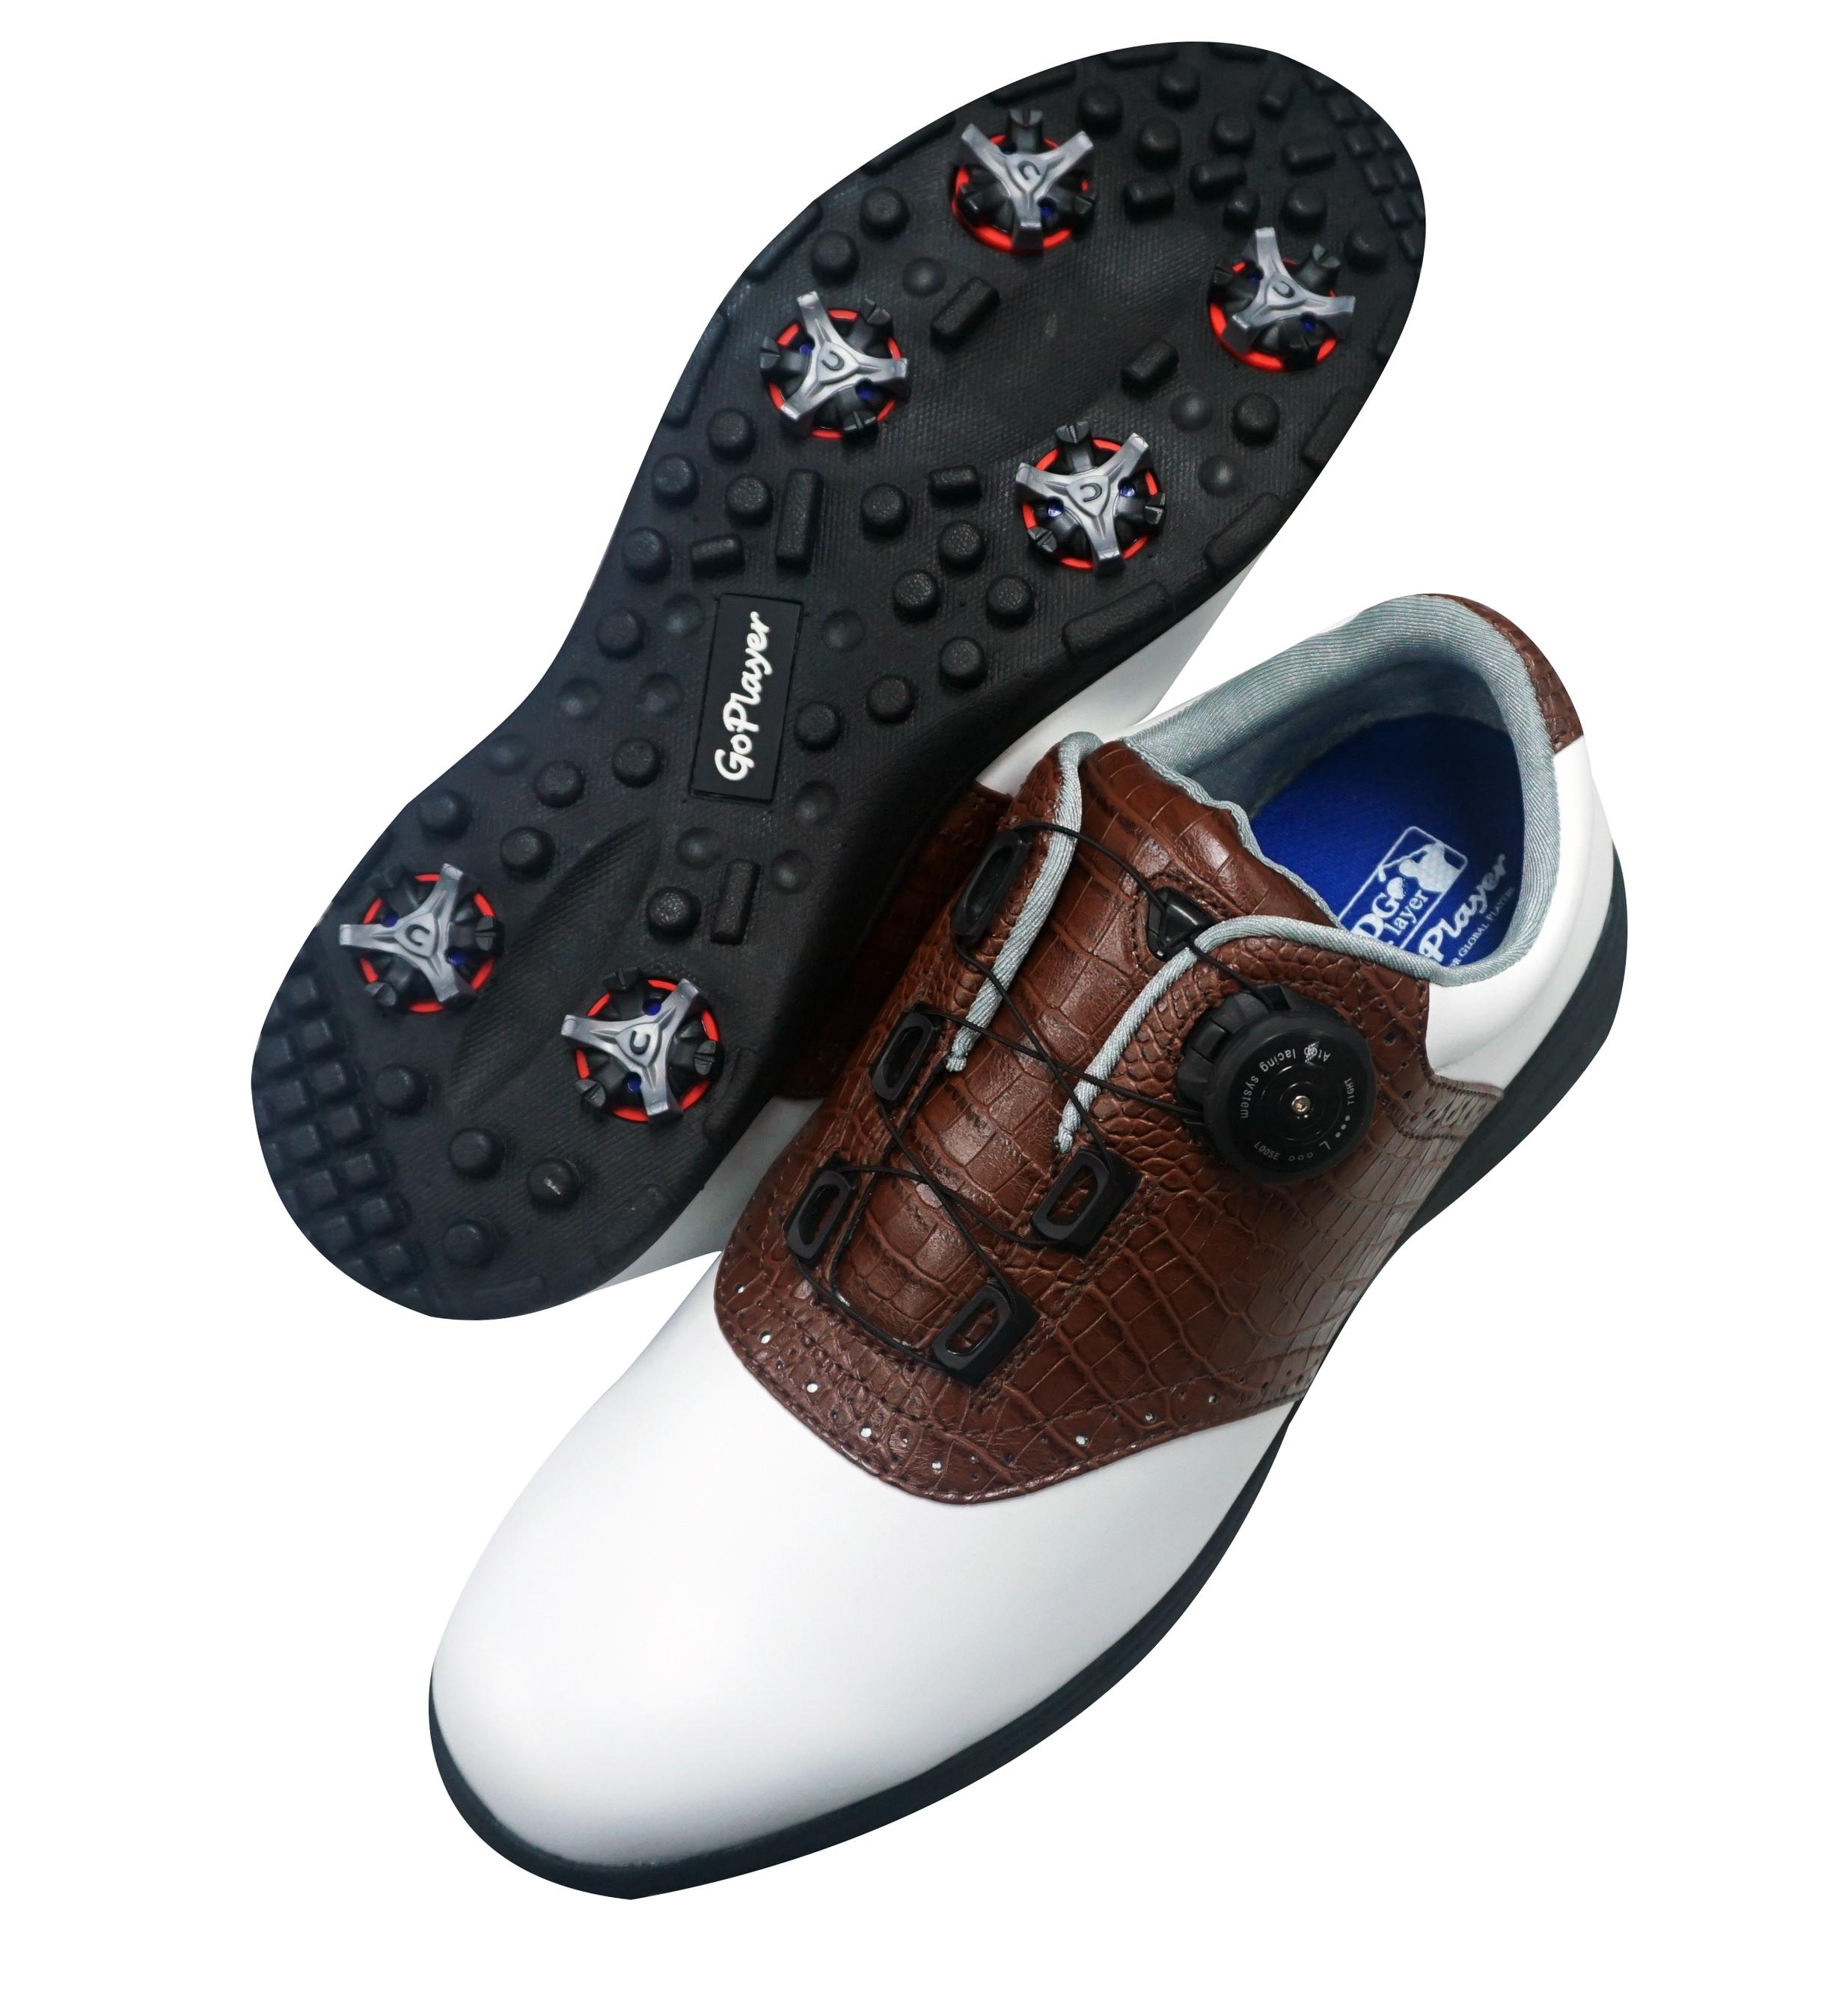 GP輕量有釘旋紐鞋(白配褐)GSH1020